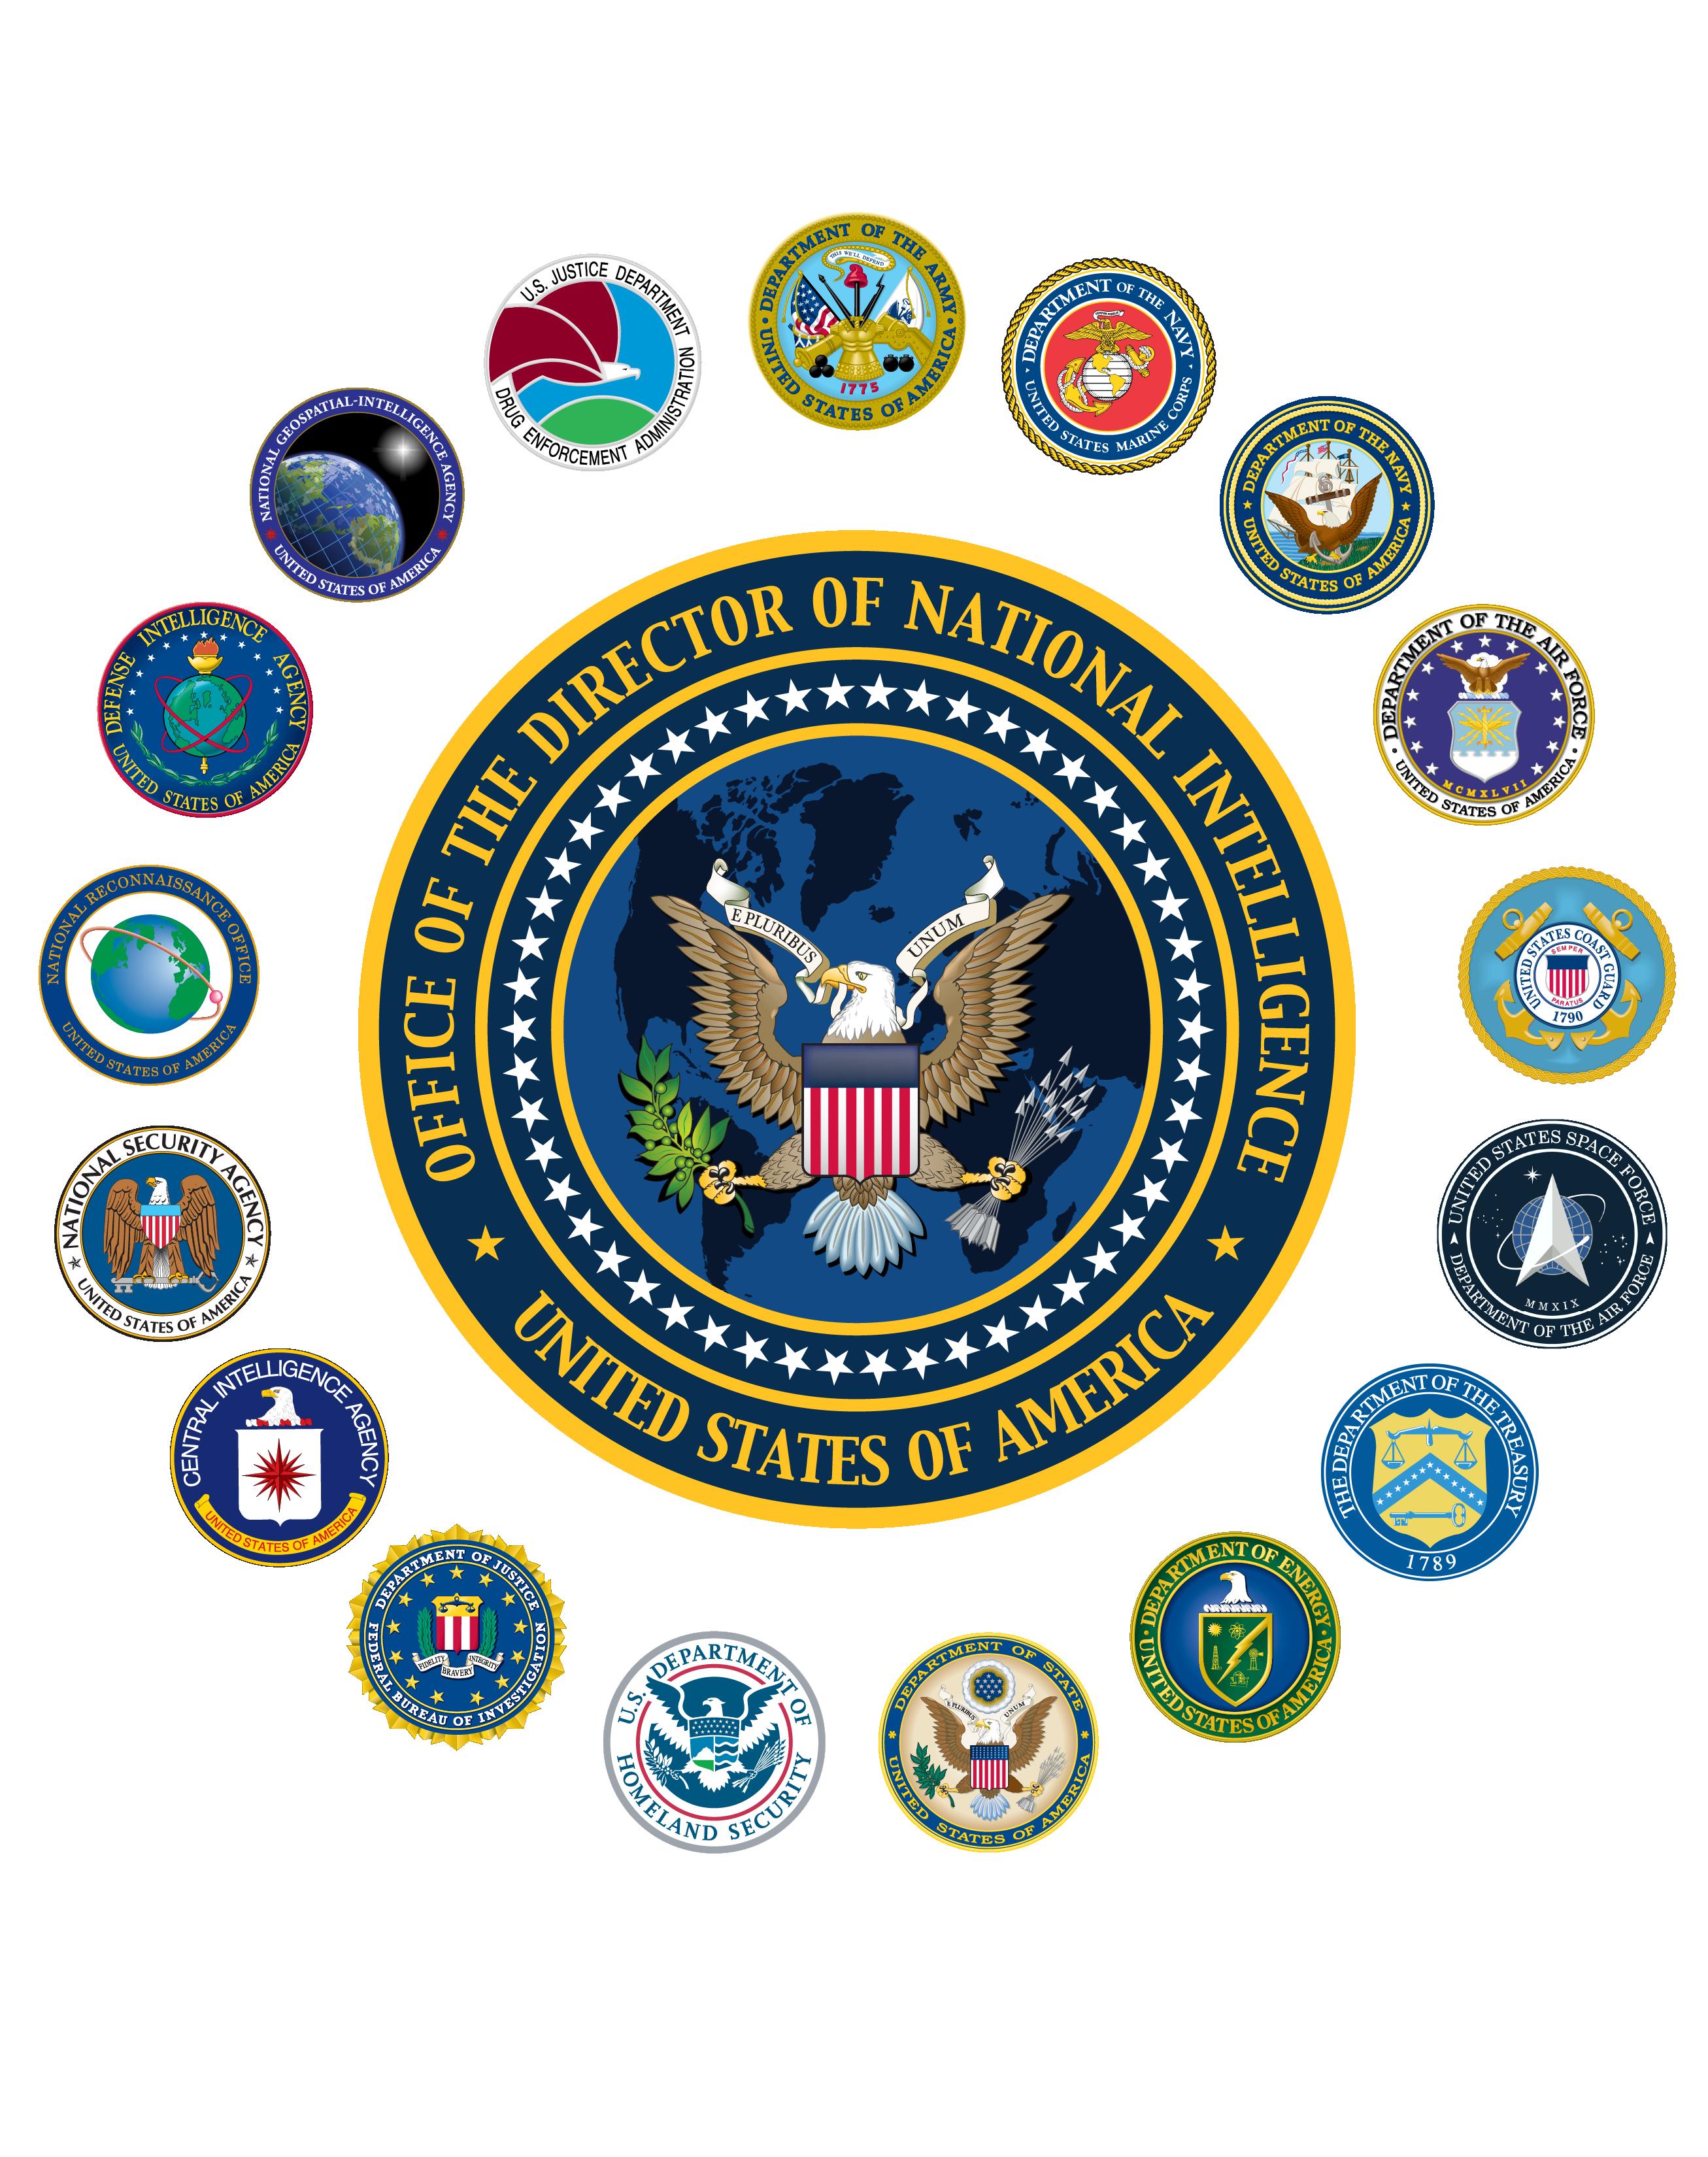 Американскоеразведывательное сообщество считает интернет-рекламу угрозой своей кибер-безопасности